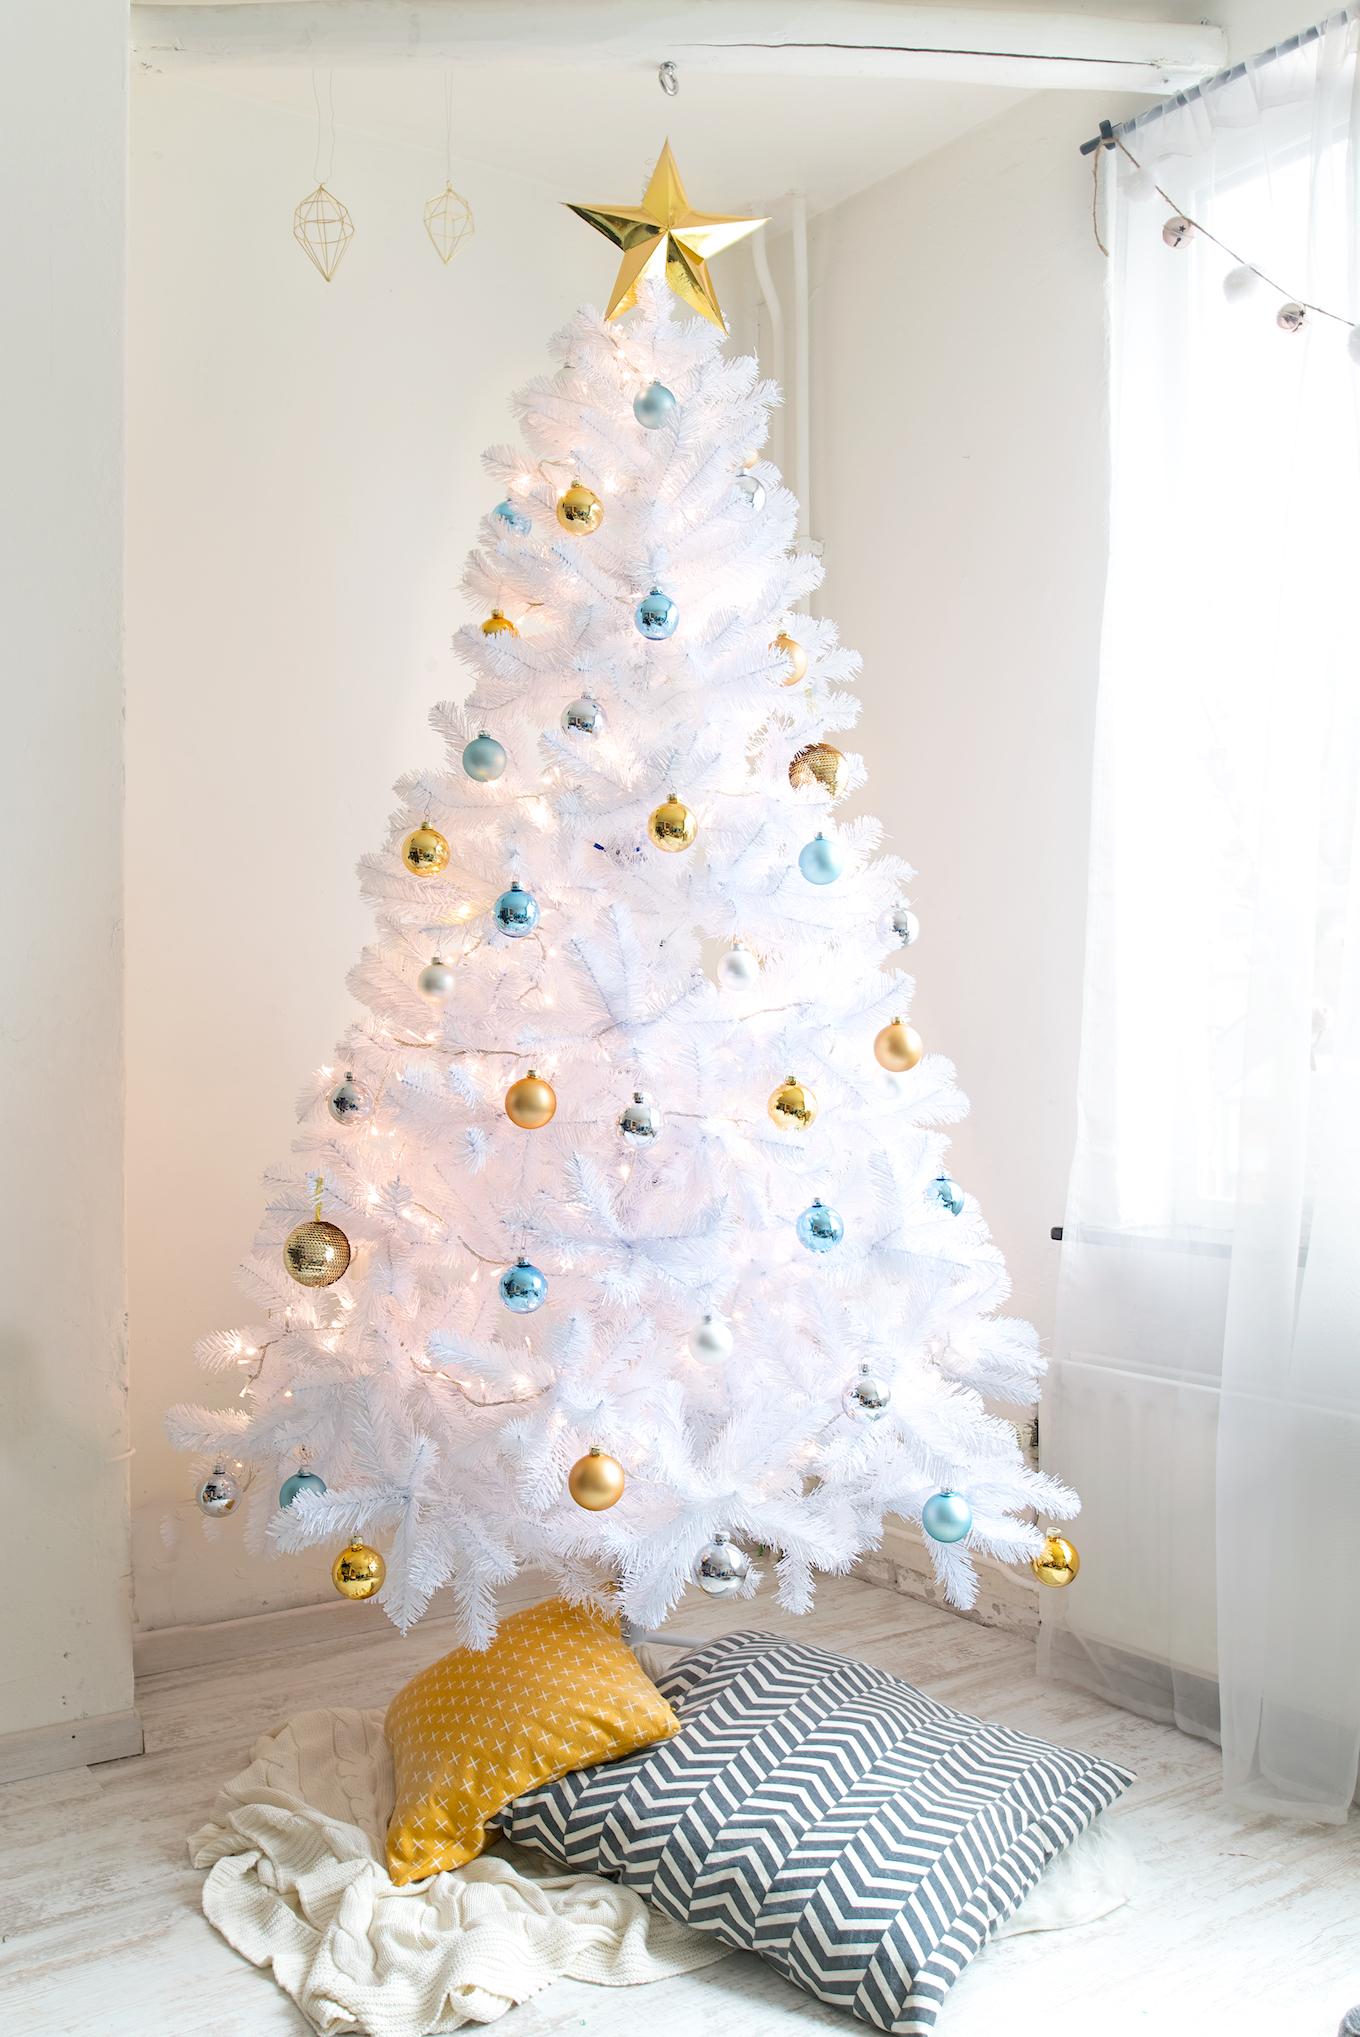 Mijn kerstboom kerst 2015 (1)